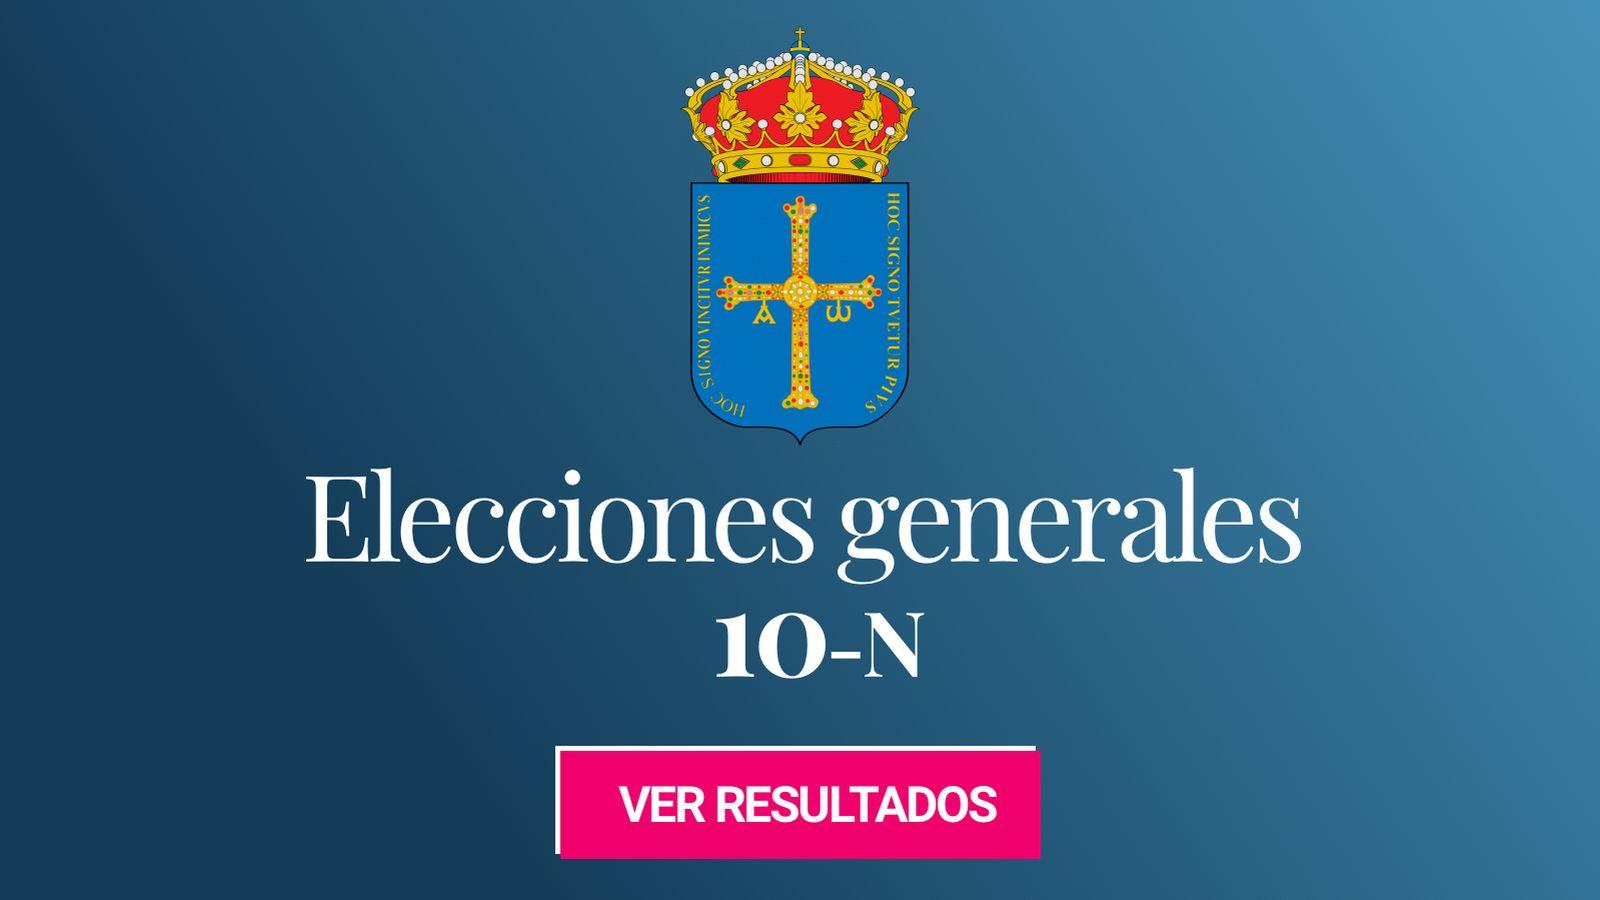 Foto: Elecciones generales 2019 en la provincia de Asturias. (C.C./HansenBCN)